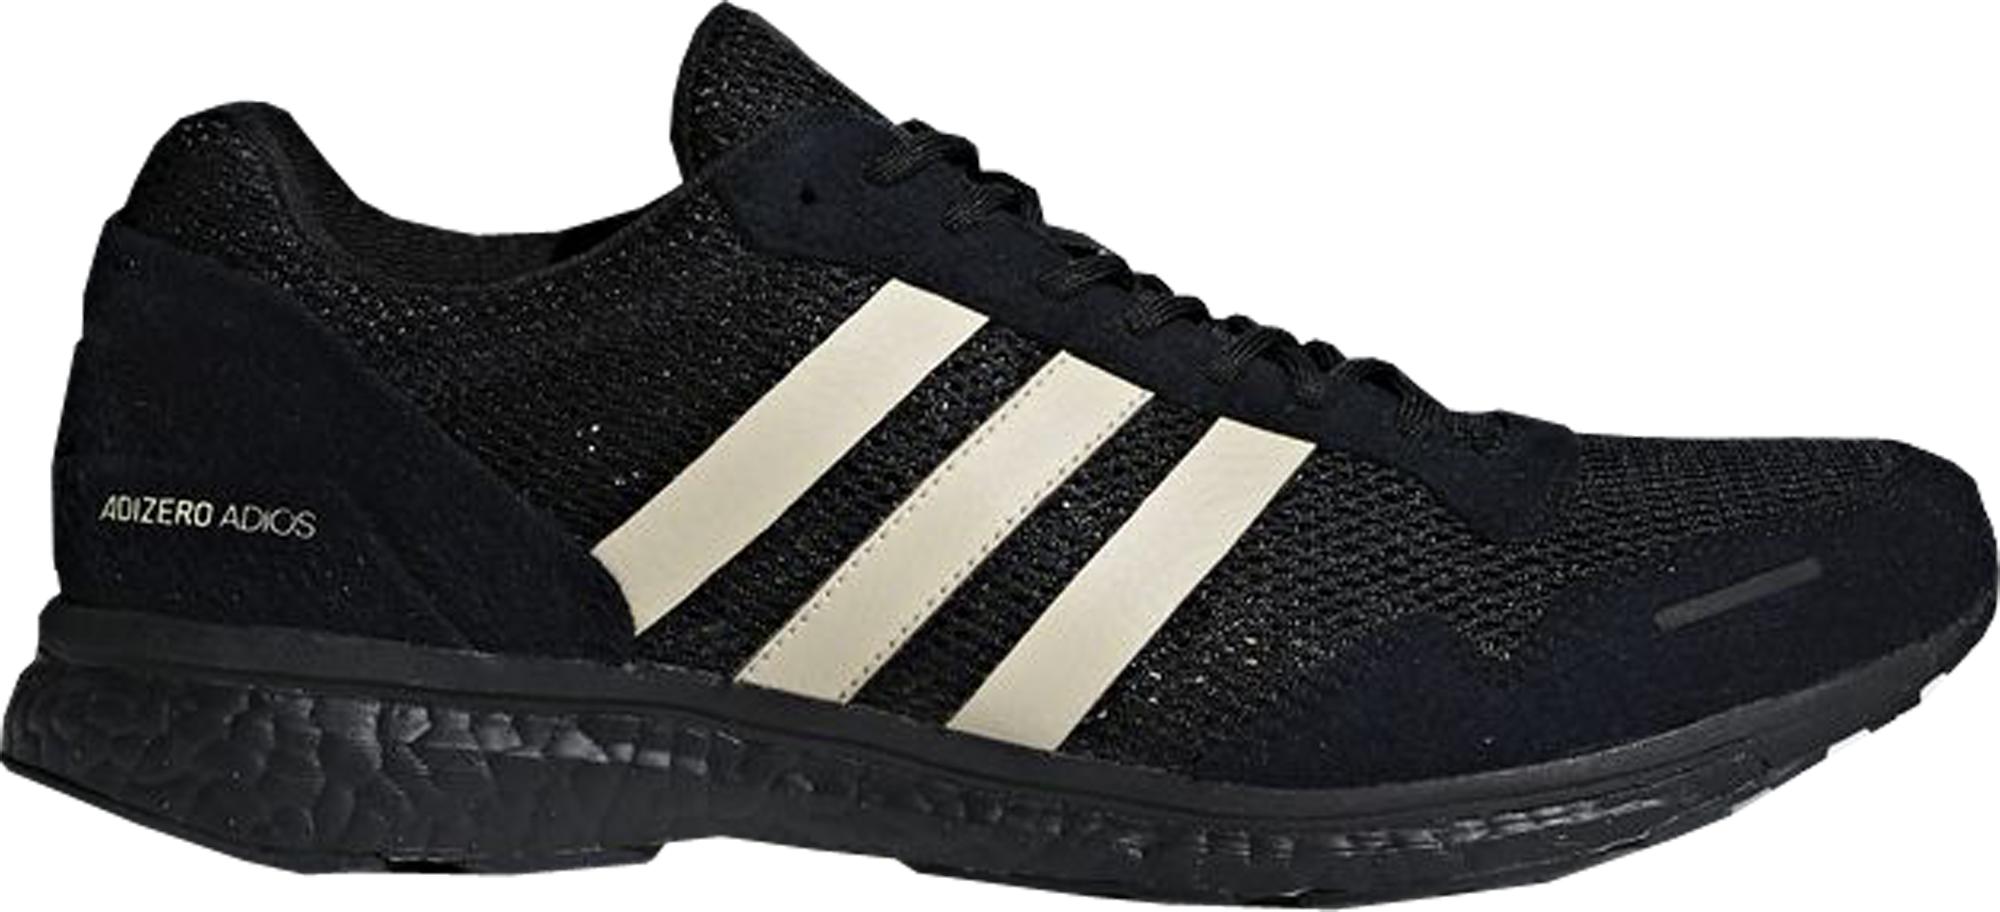 adidas adiZero adios 3 Undefeated Black